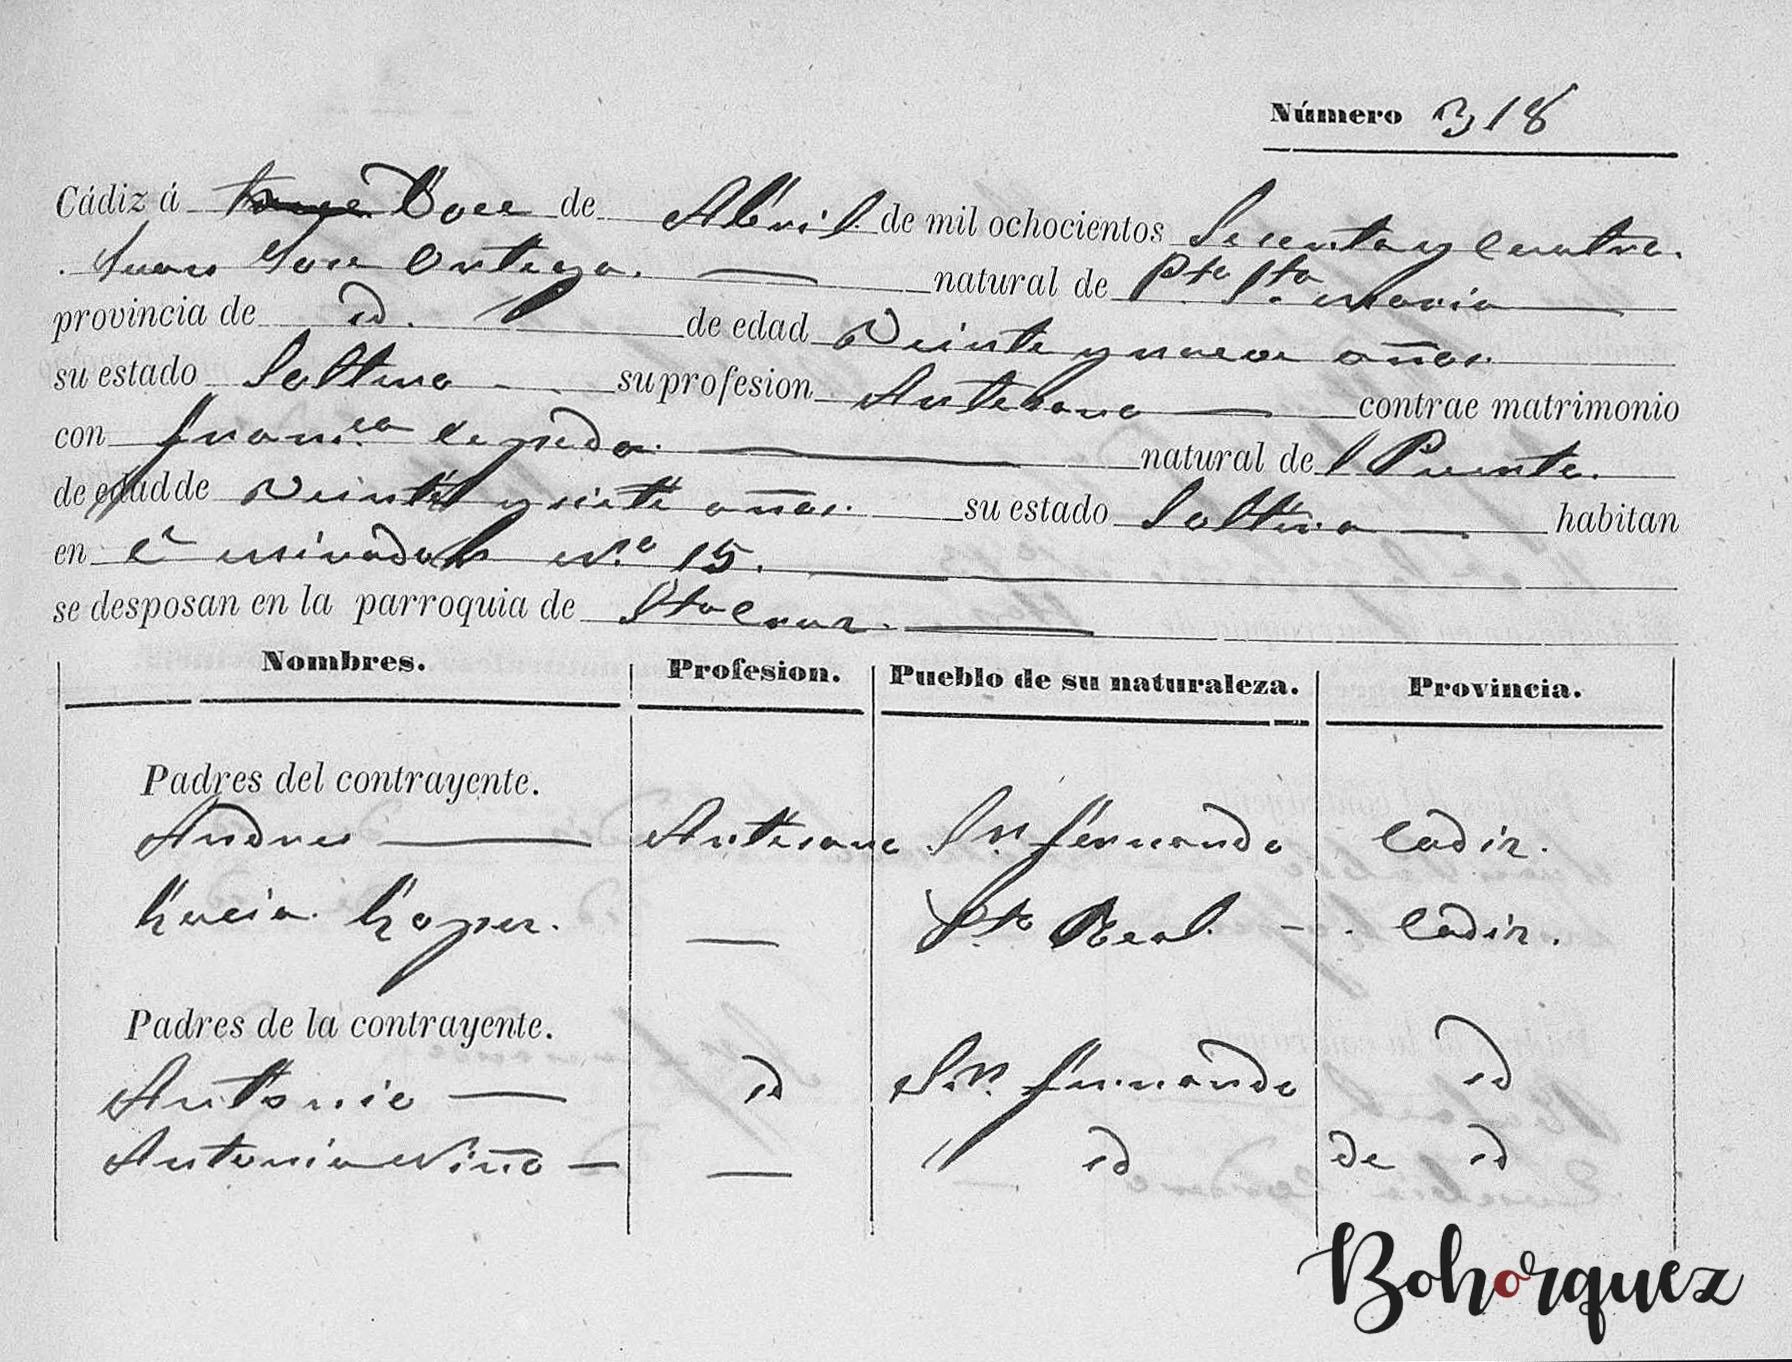 Boda de los padres de El Caoba, después de que él naciera. Archivo Bohórquez.